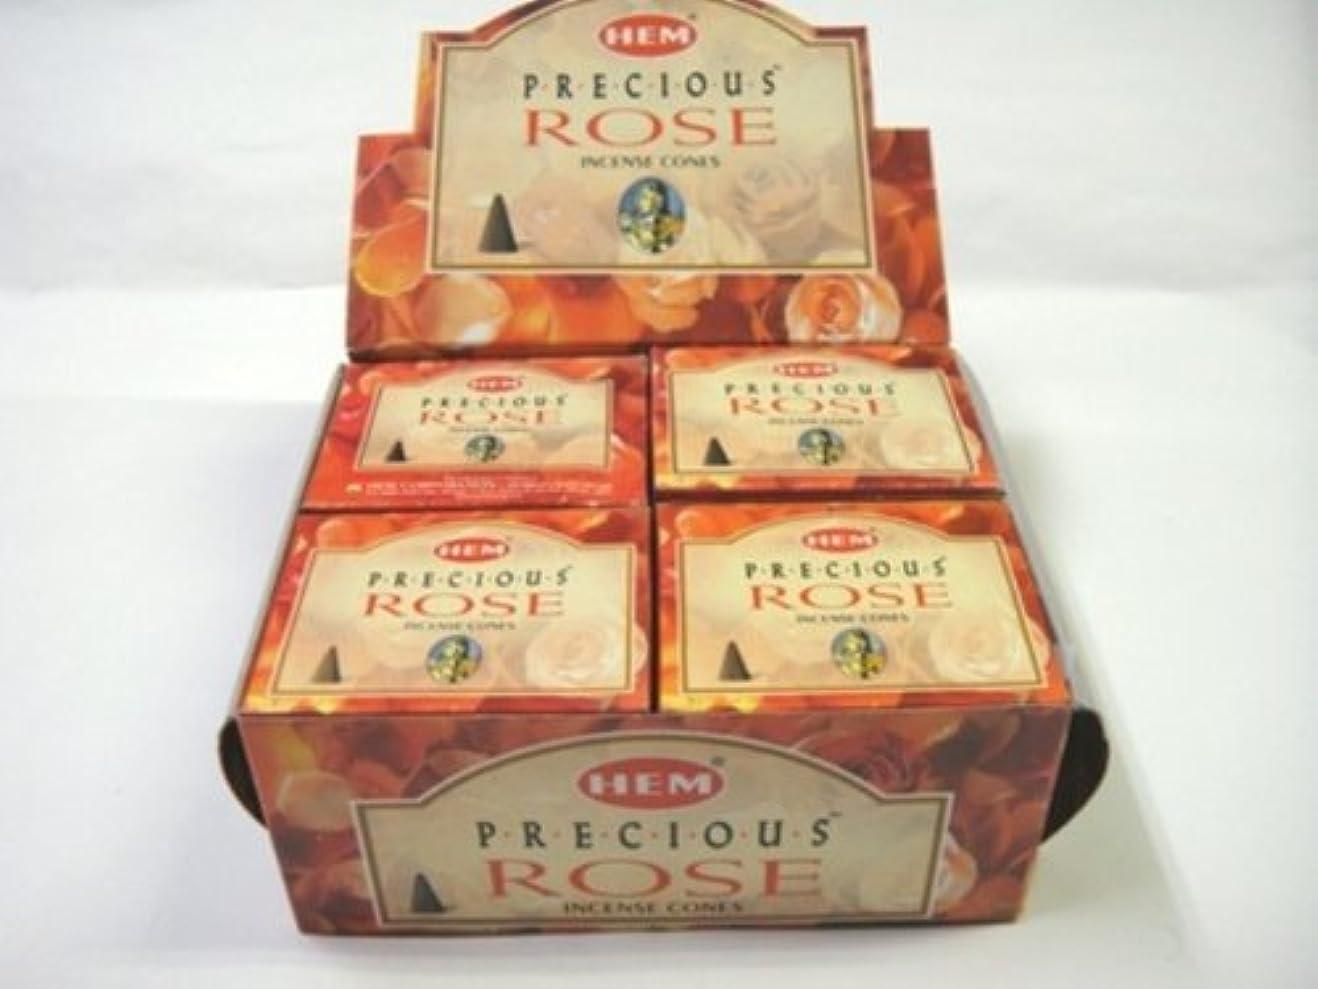 倒産ウイルススーダンHEM お香 プレシャスローズ コーンタイプ 1ケース(12箱入り) お香薔薇